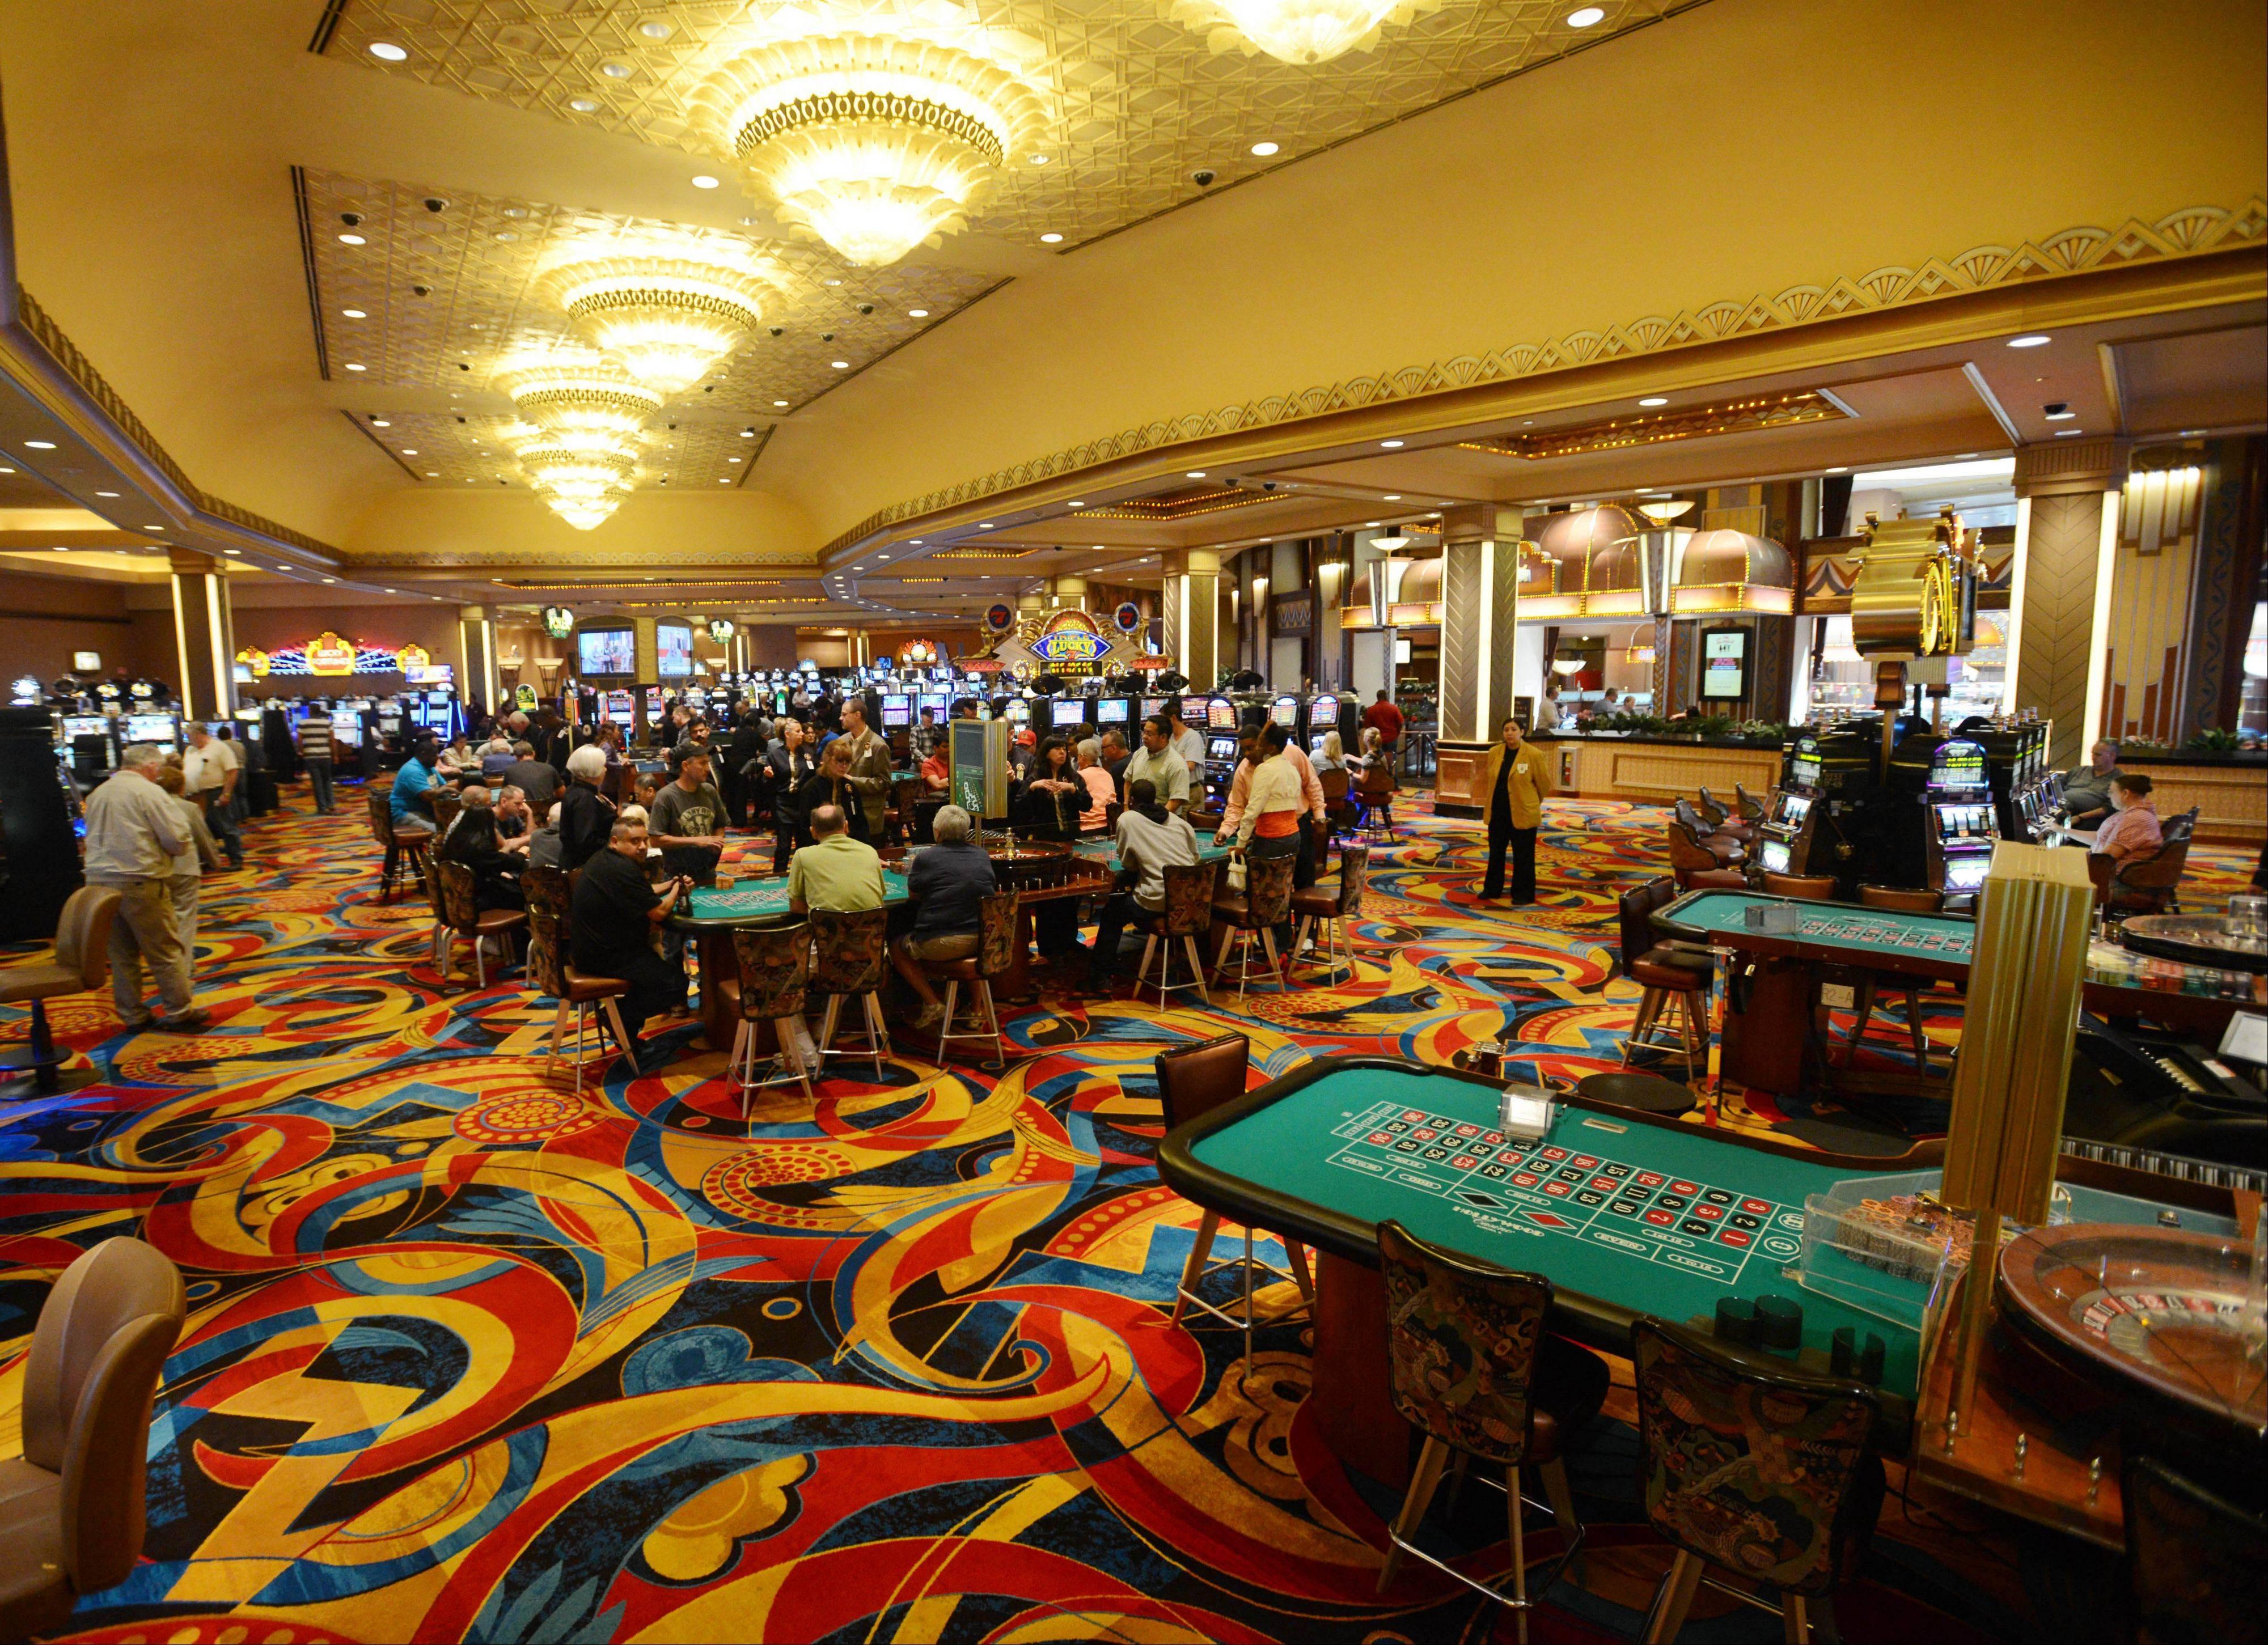 Витебск казино онлайнi можно жаловаться на игровые автоматы в прокуратуру в томске